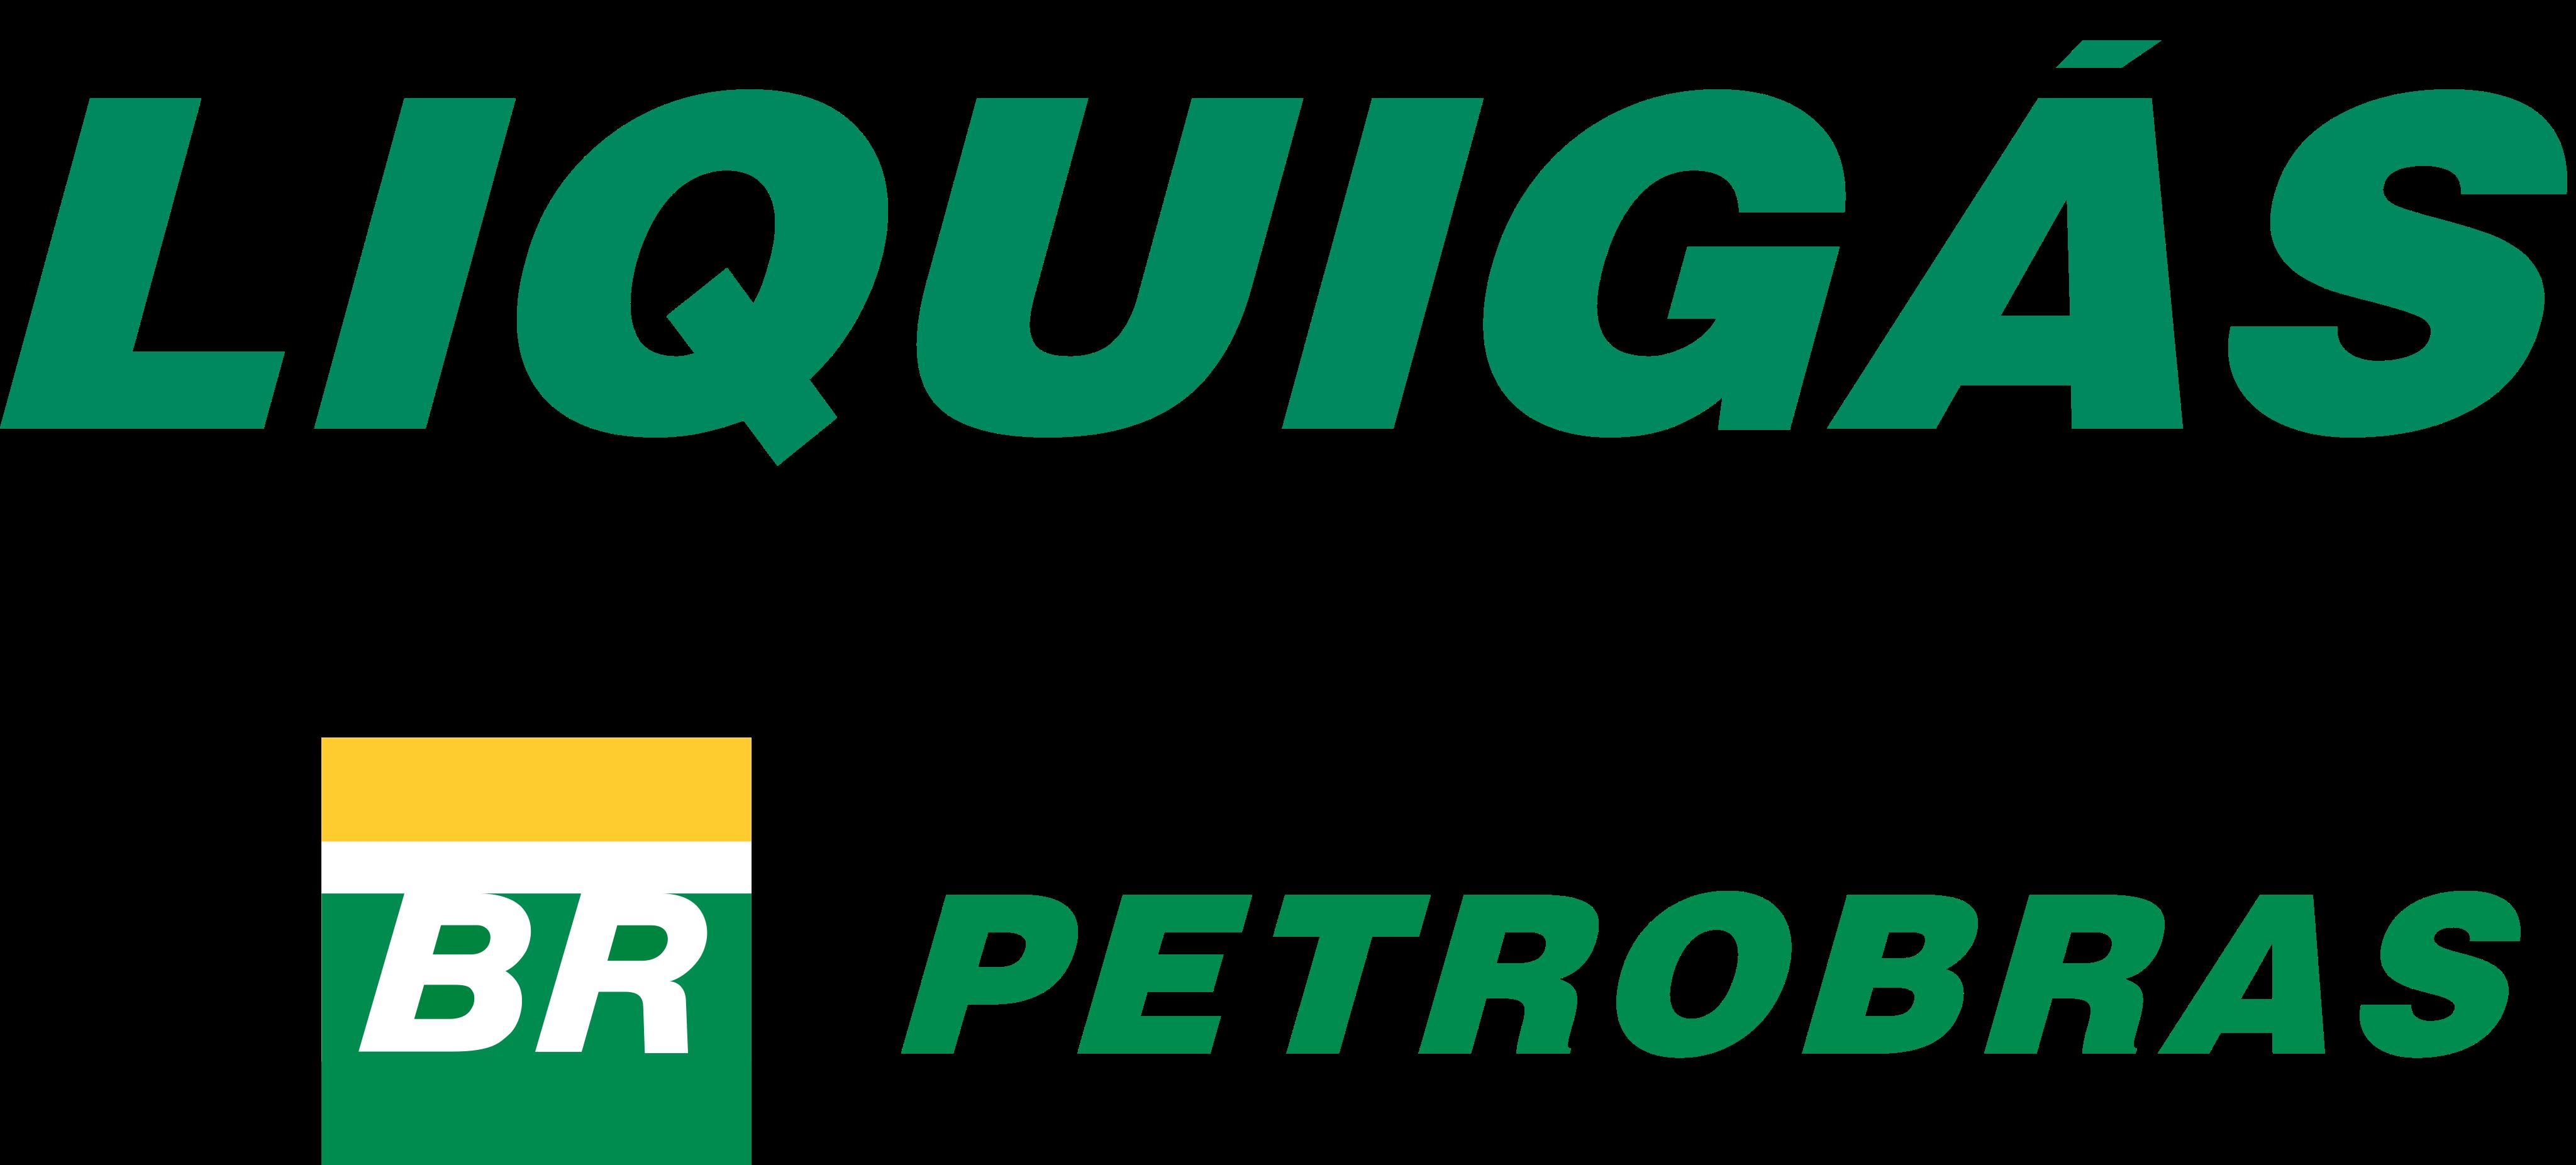 liquigas logo - Liquigás Logo